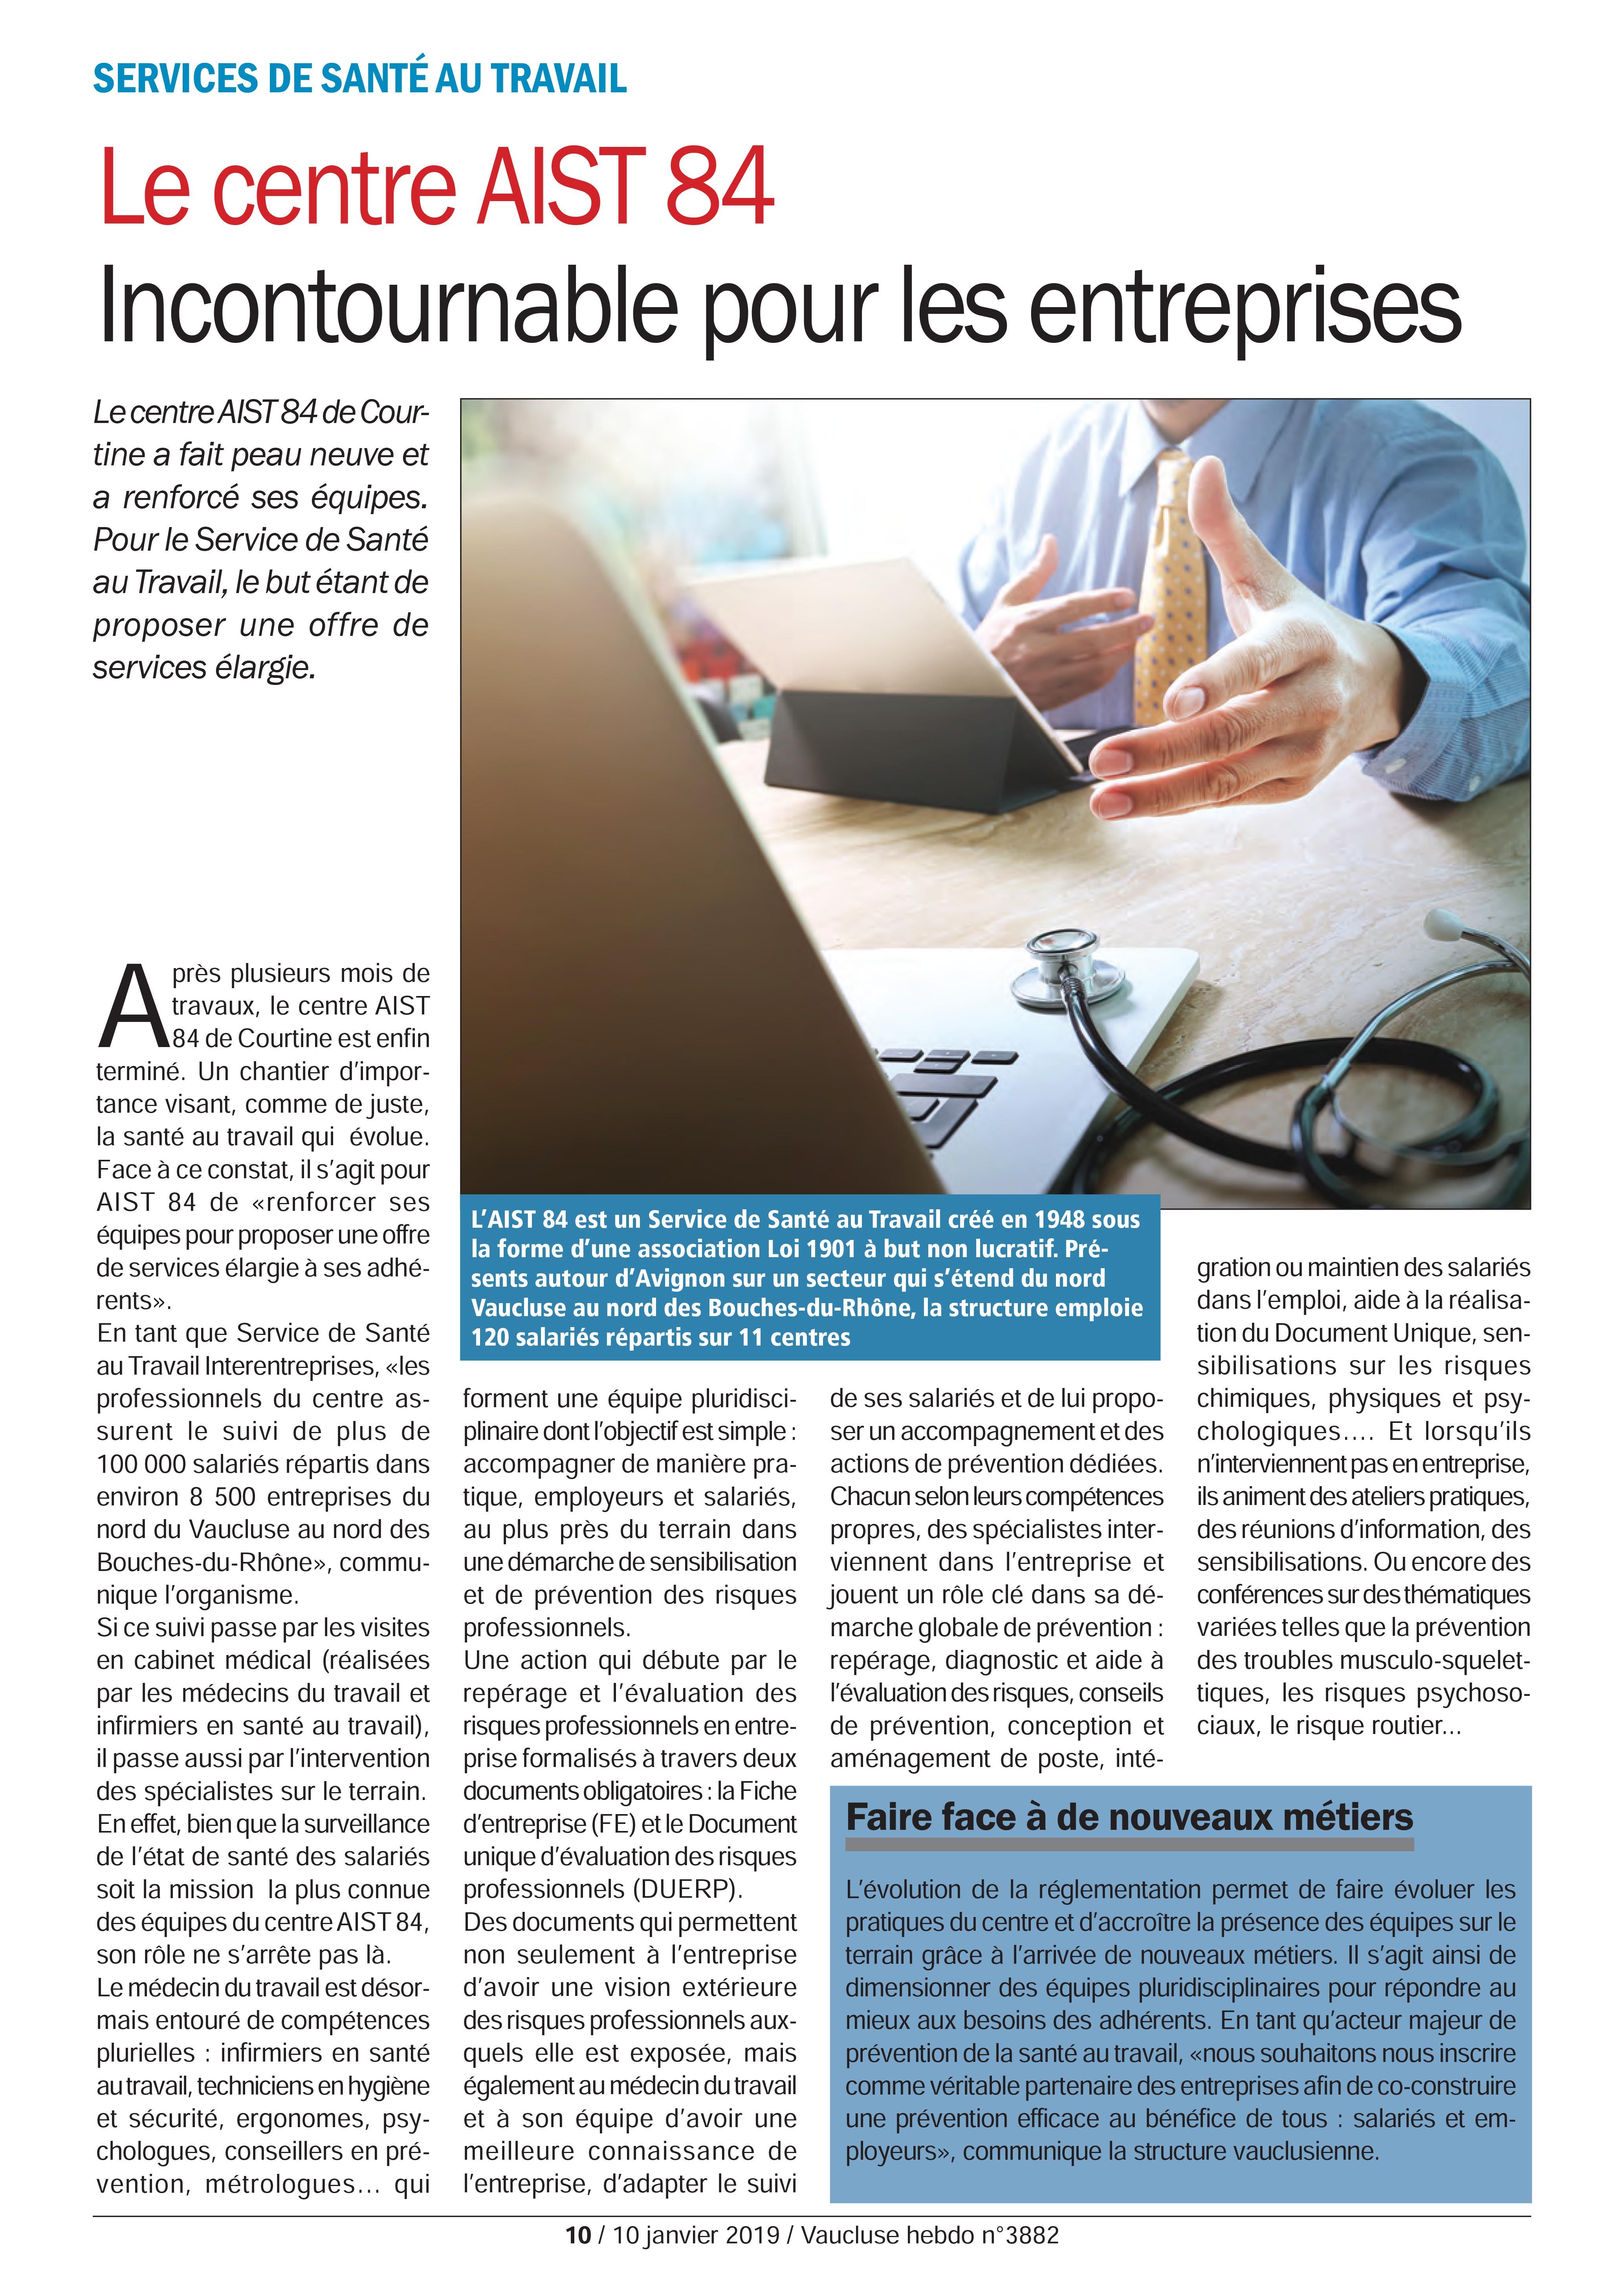 Le centre AIST 84 incontournable pour les entreprises – Vaucluse Hebdo 10.01.19